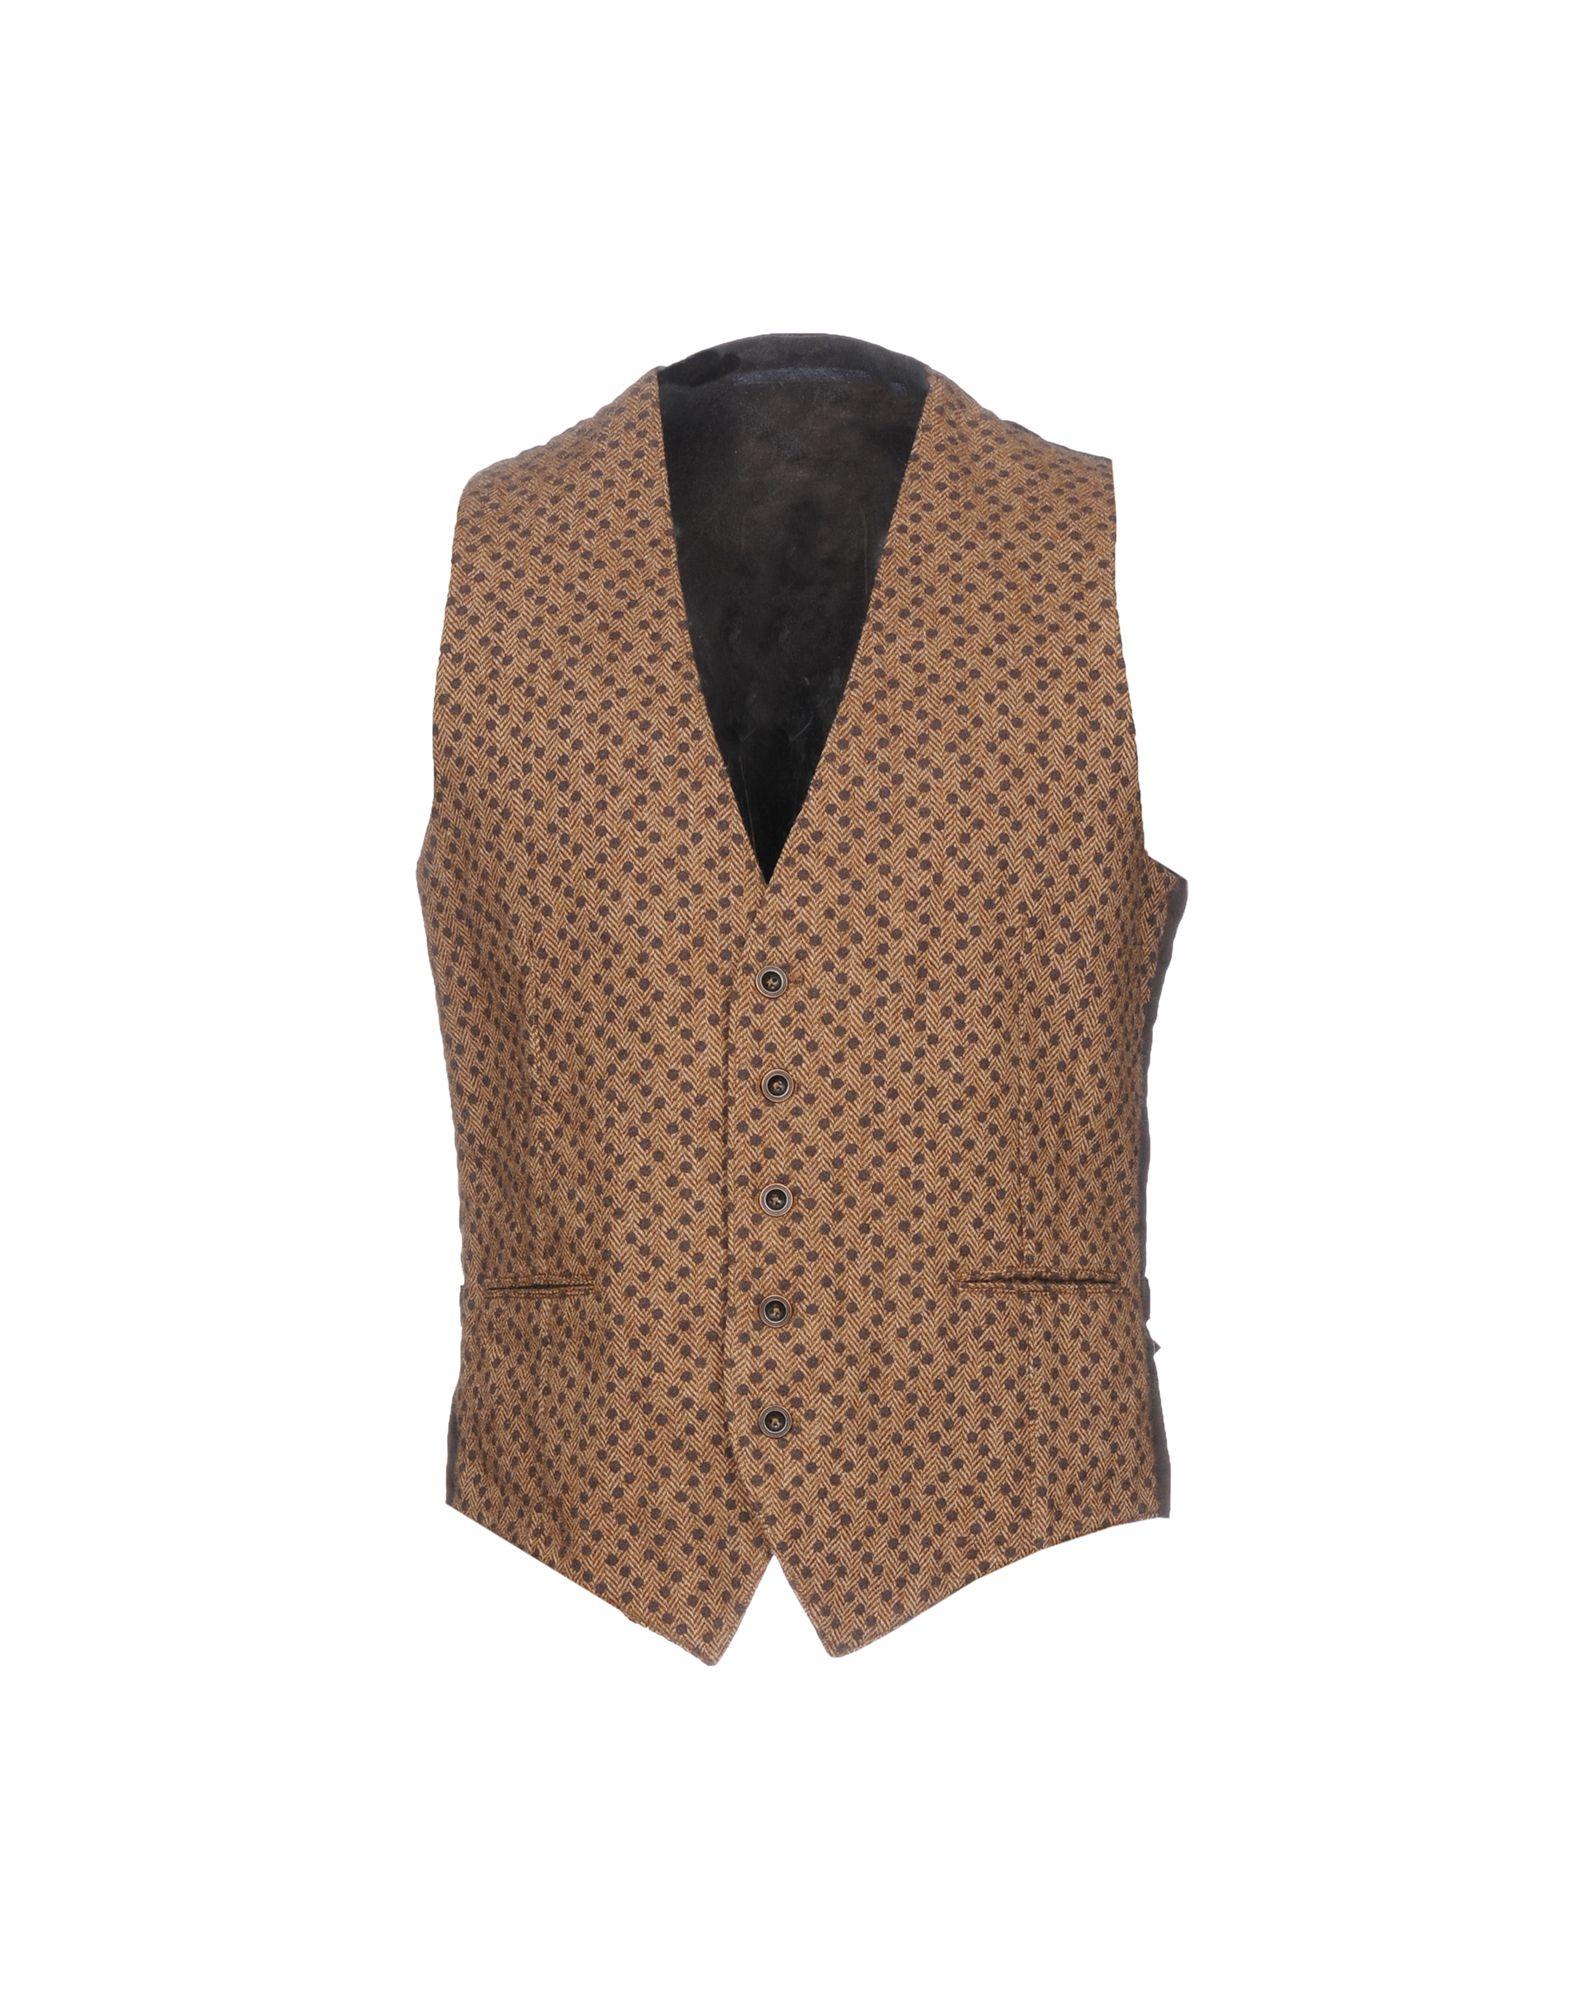 MONTEDORO Suit Vest in Sand